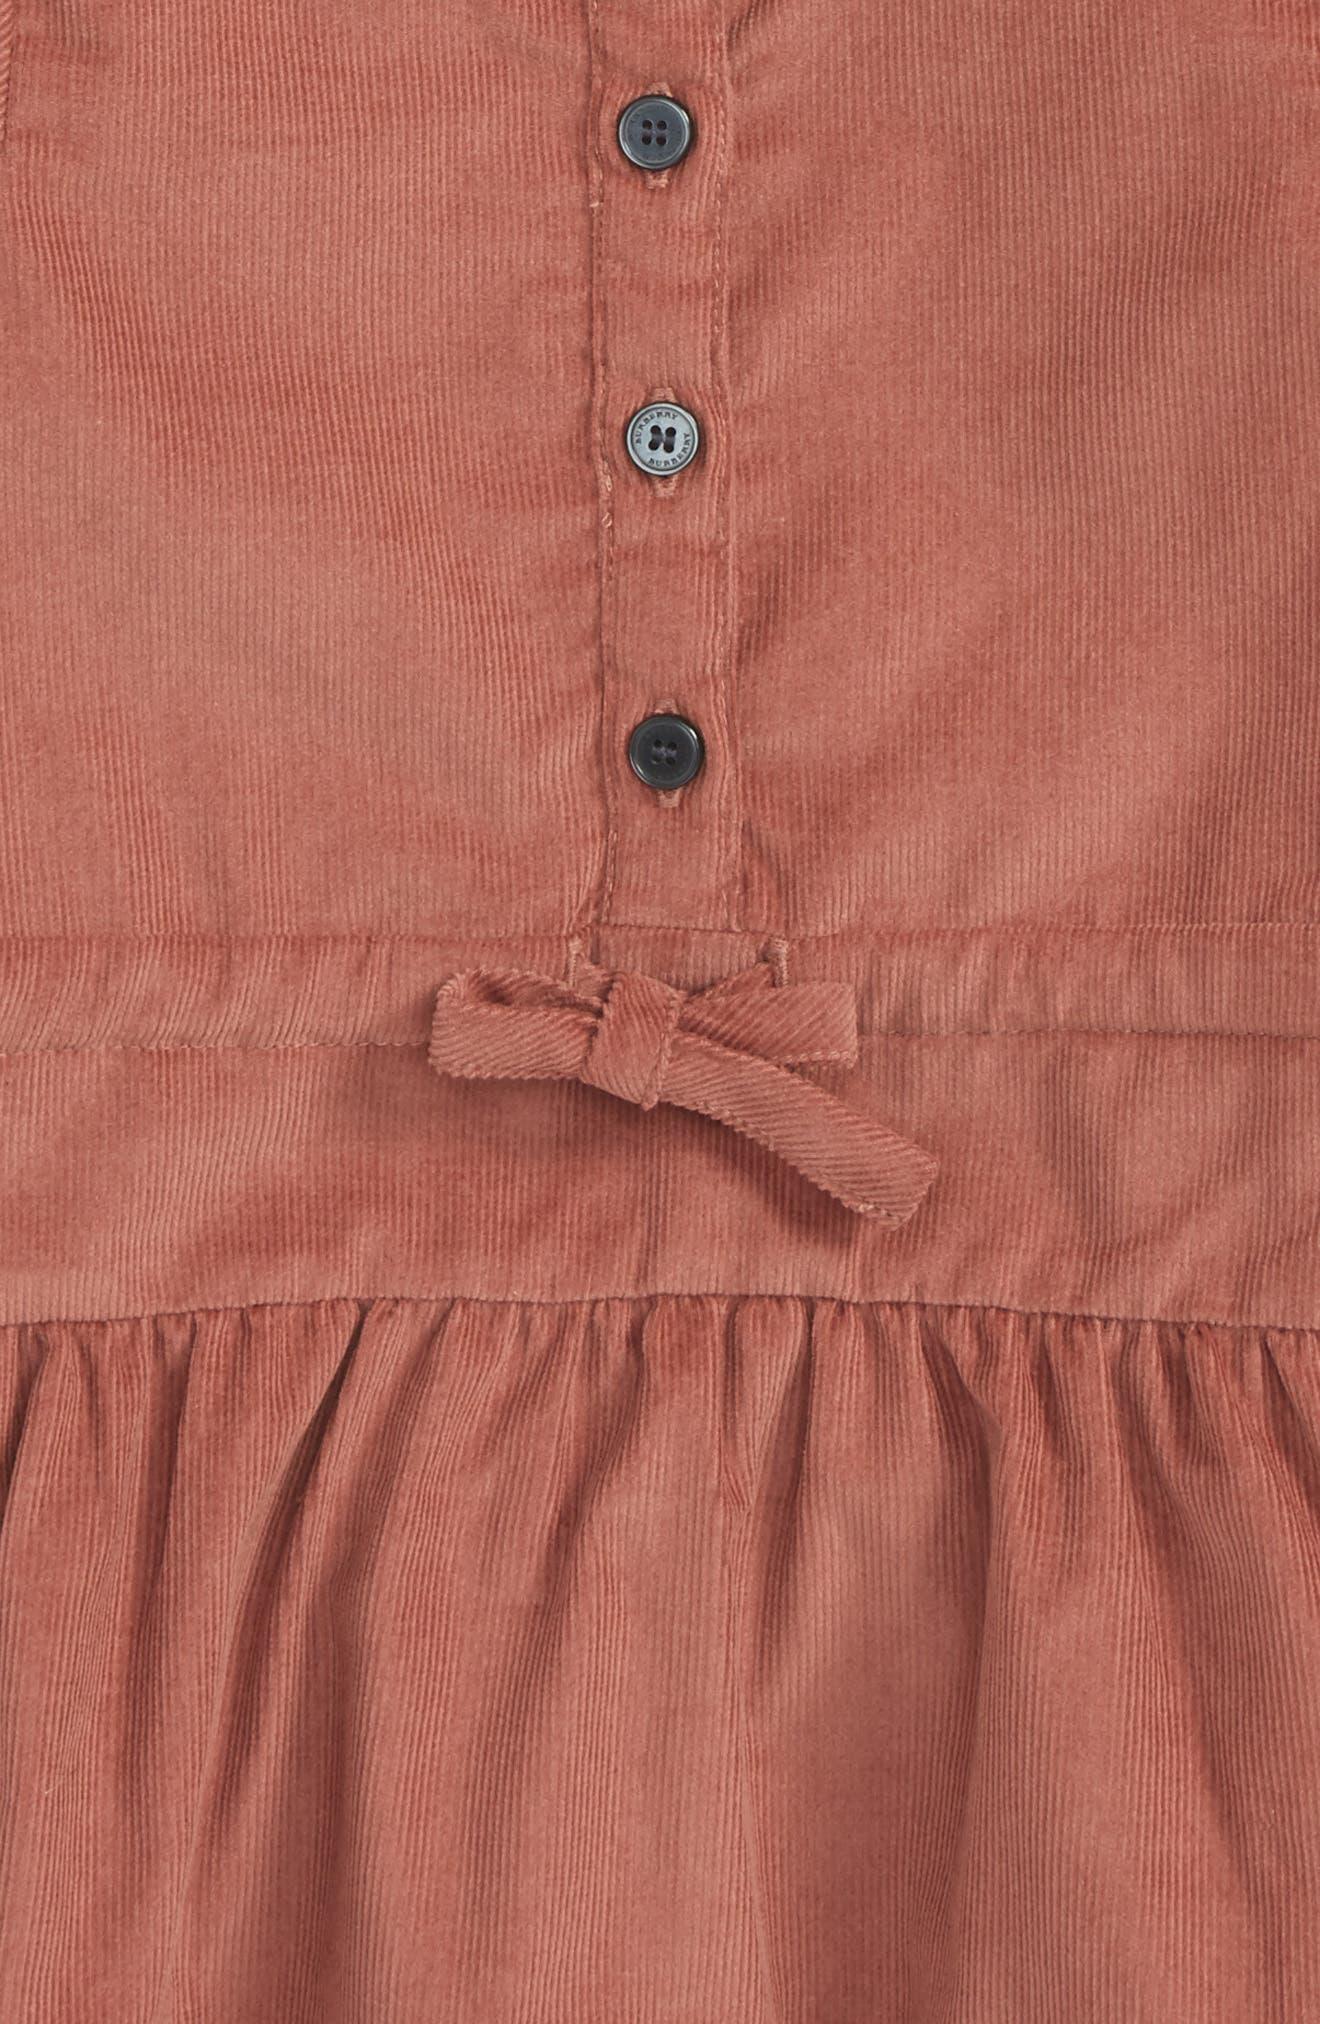 Mini Celestine Corduroy Dress,                             Alternate thumbnail 2, color,                             650